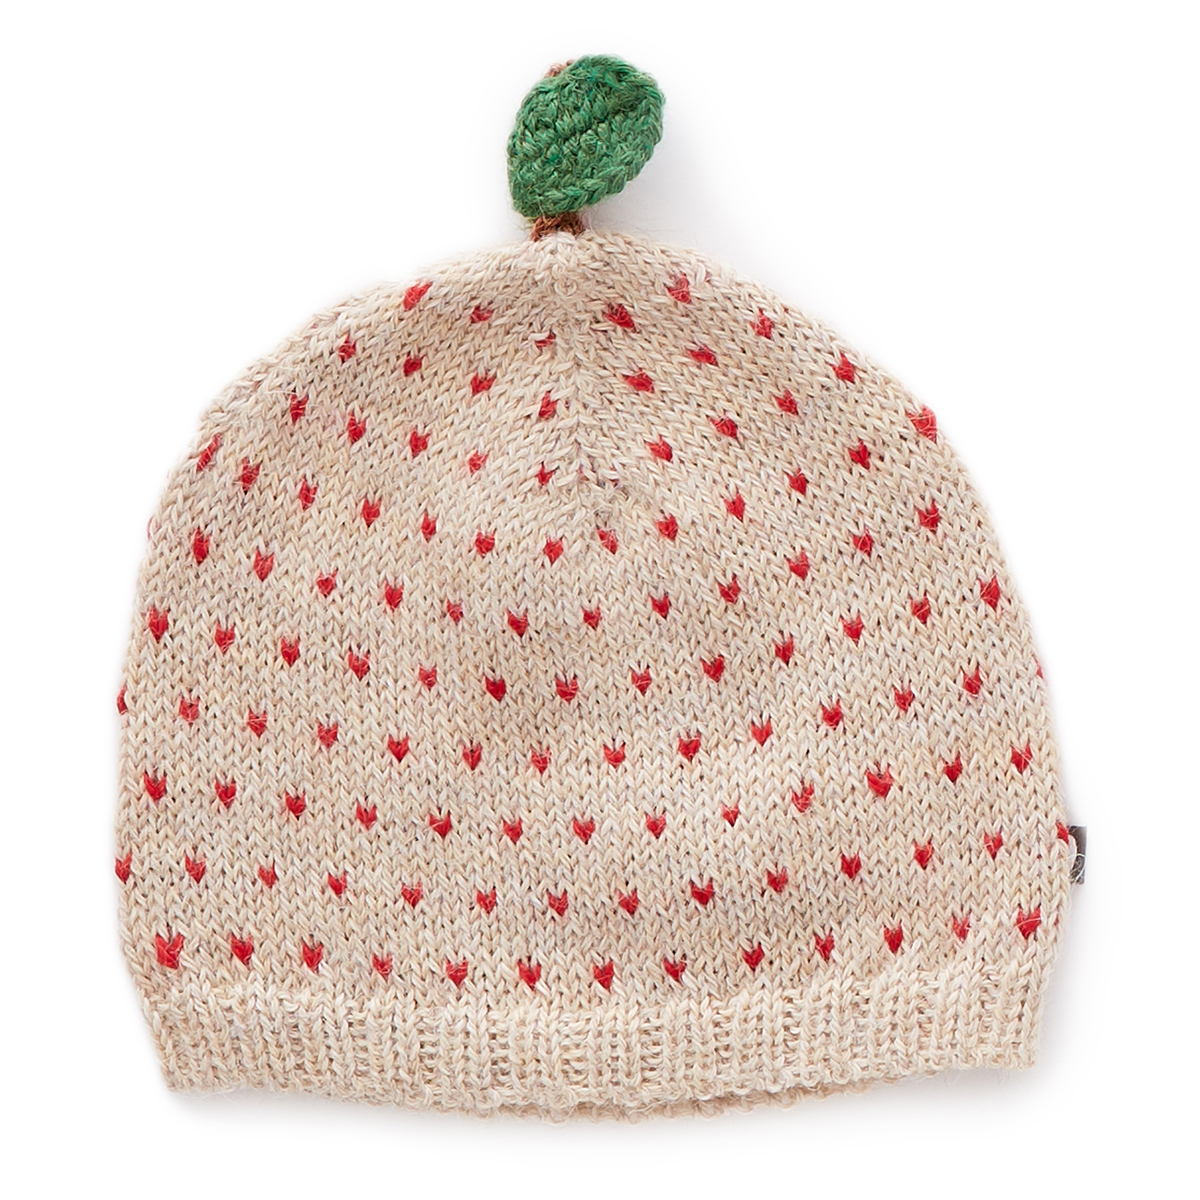 Accessoires Bébé Bonnet Pomme à Pois Rouges Beige - 0/6 Mois Bonnet Pomme à Pois Rouges Beige - 0/6 Mois